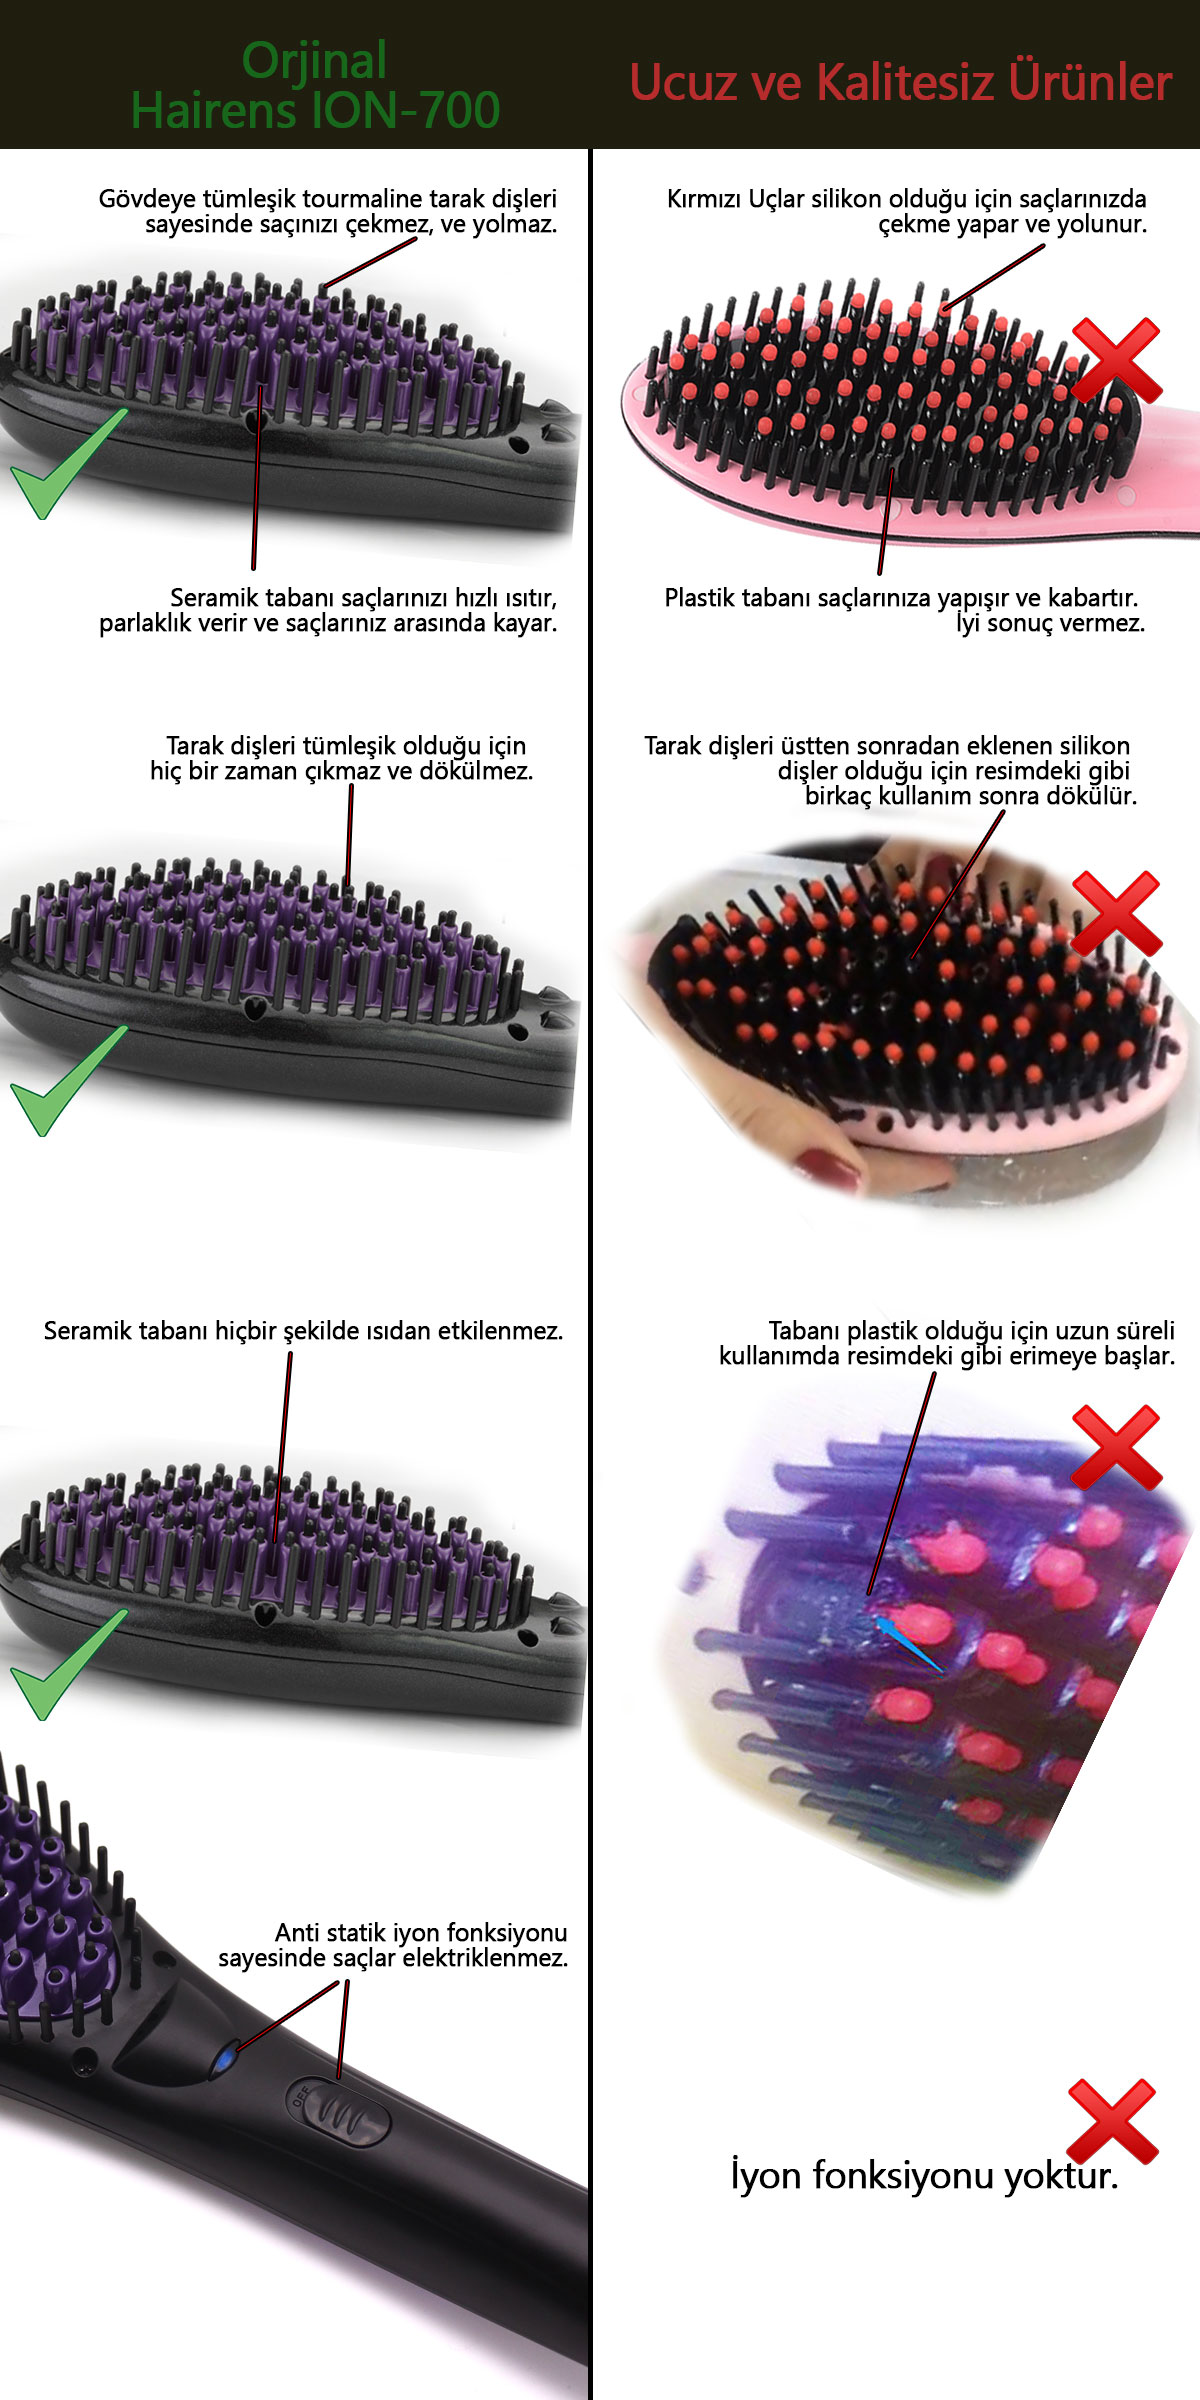 Saçlarınızın Saç Fırçasına Yapışmasını Engelleyecek Basit Bir Numara